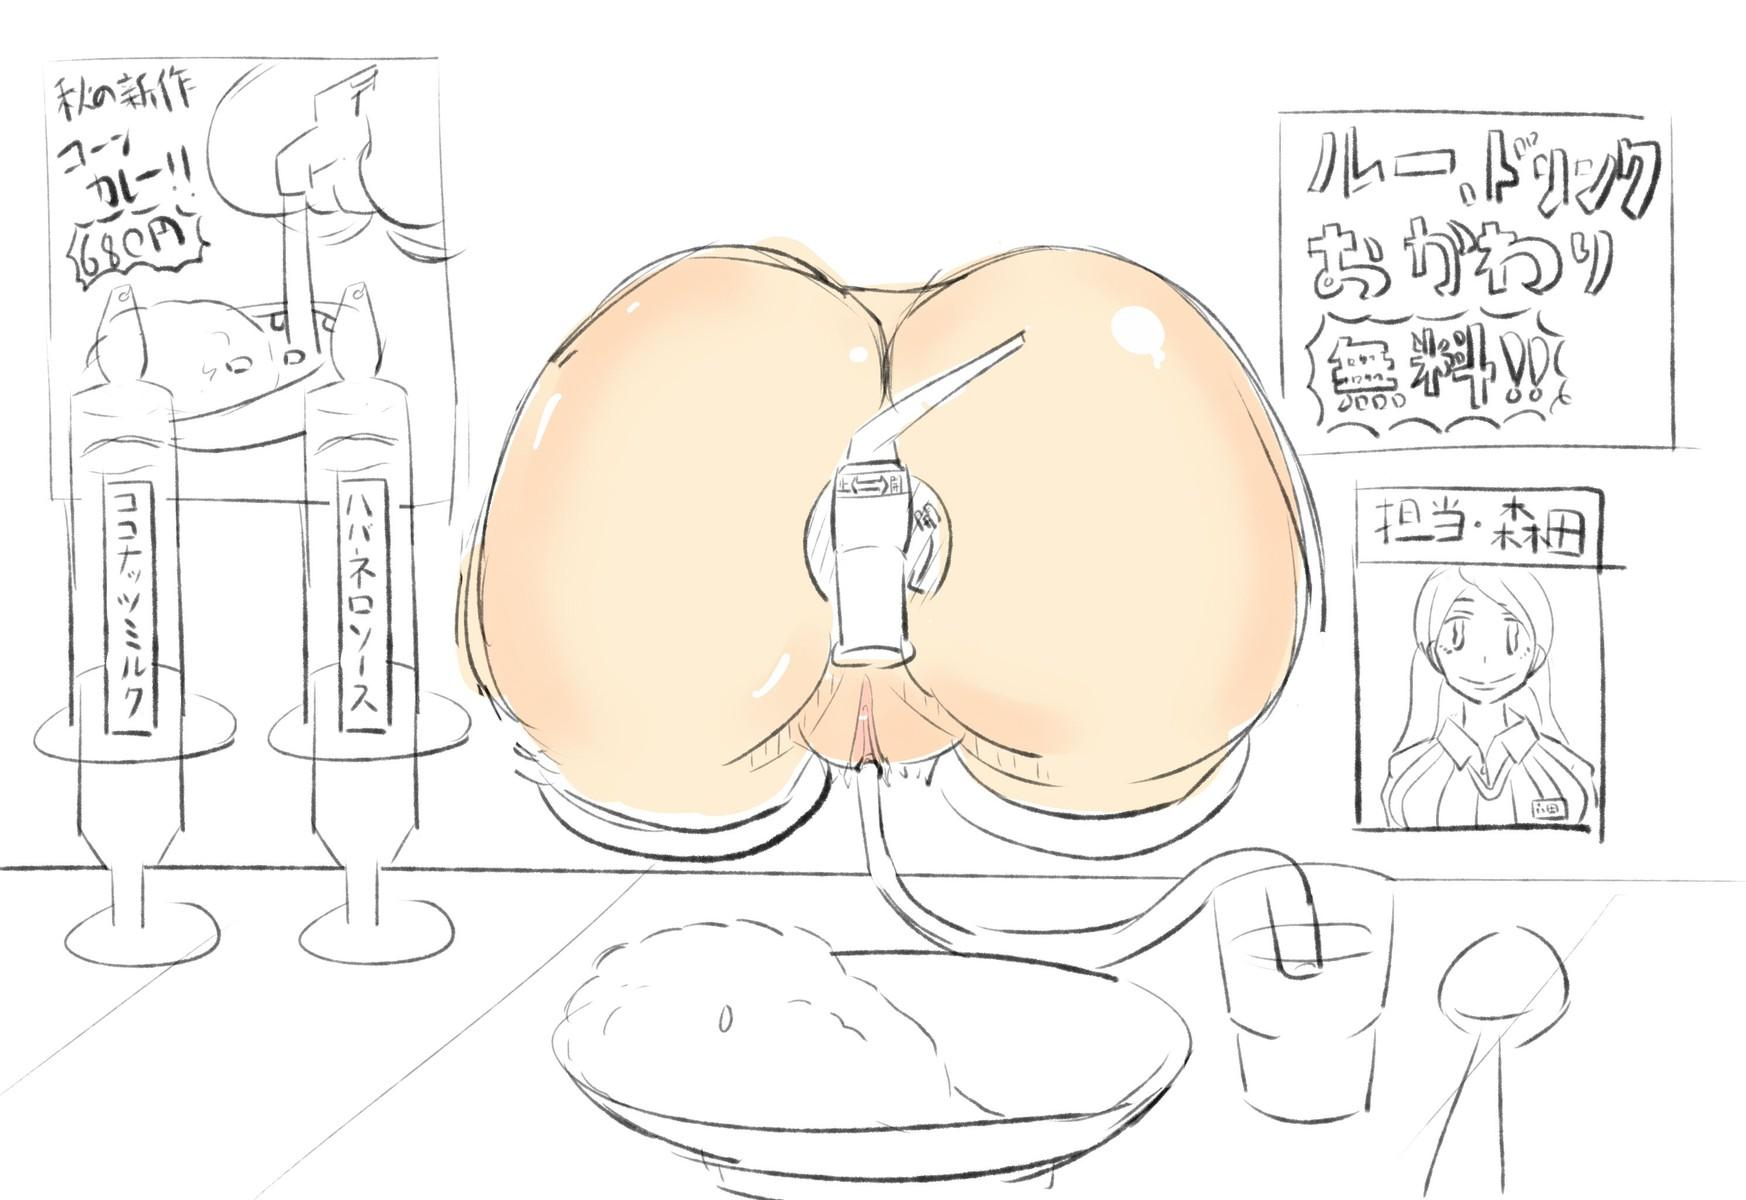 urethral_insertion -penis172